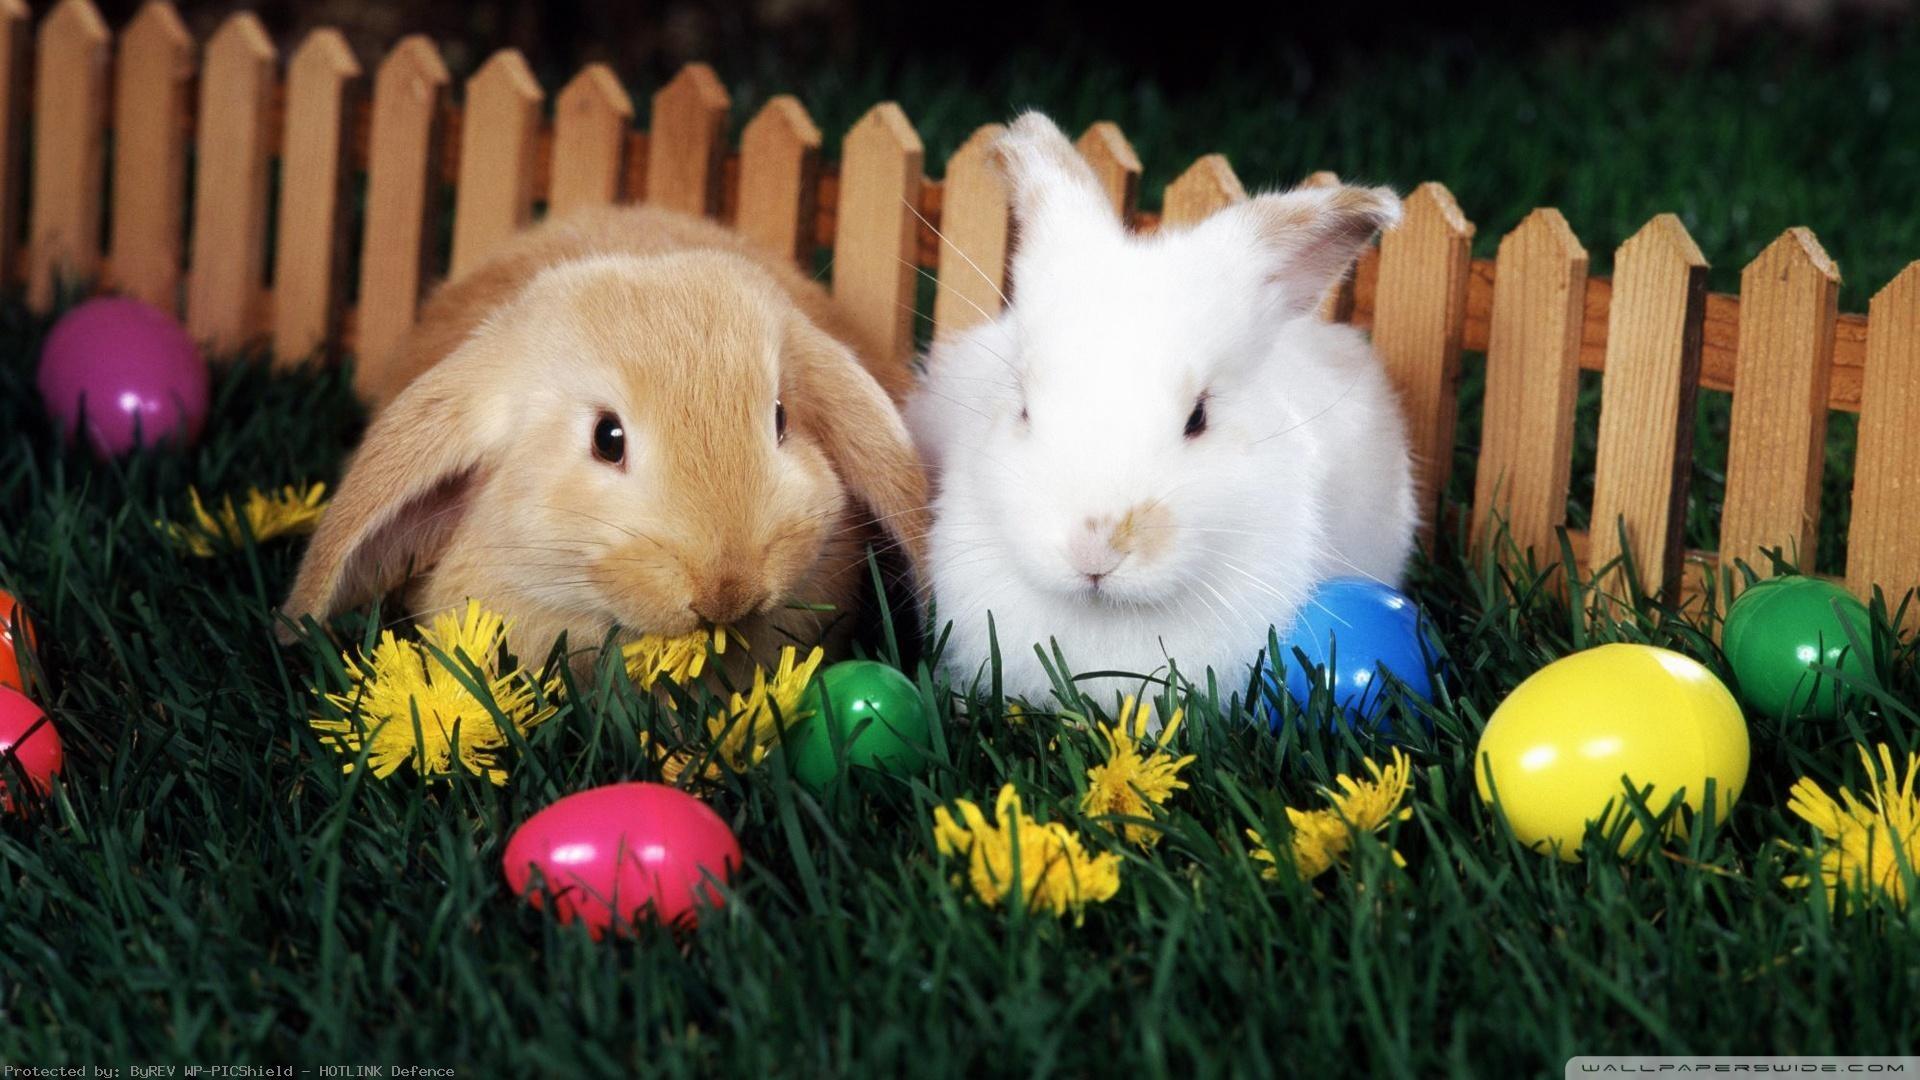 Beautiful-Free-Easter-Desktop-wallpaper-wpc9002698